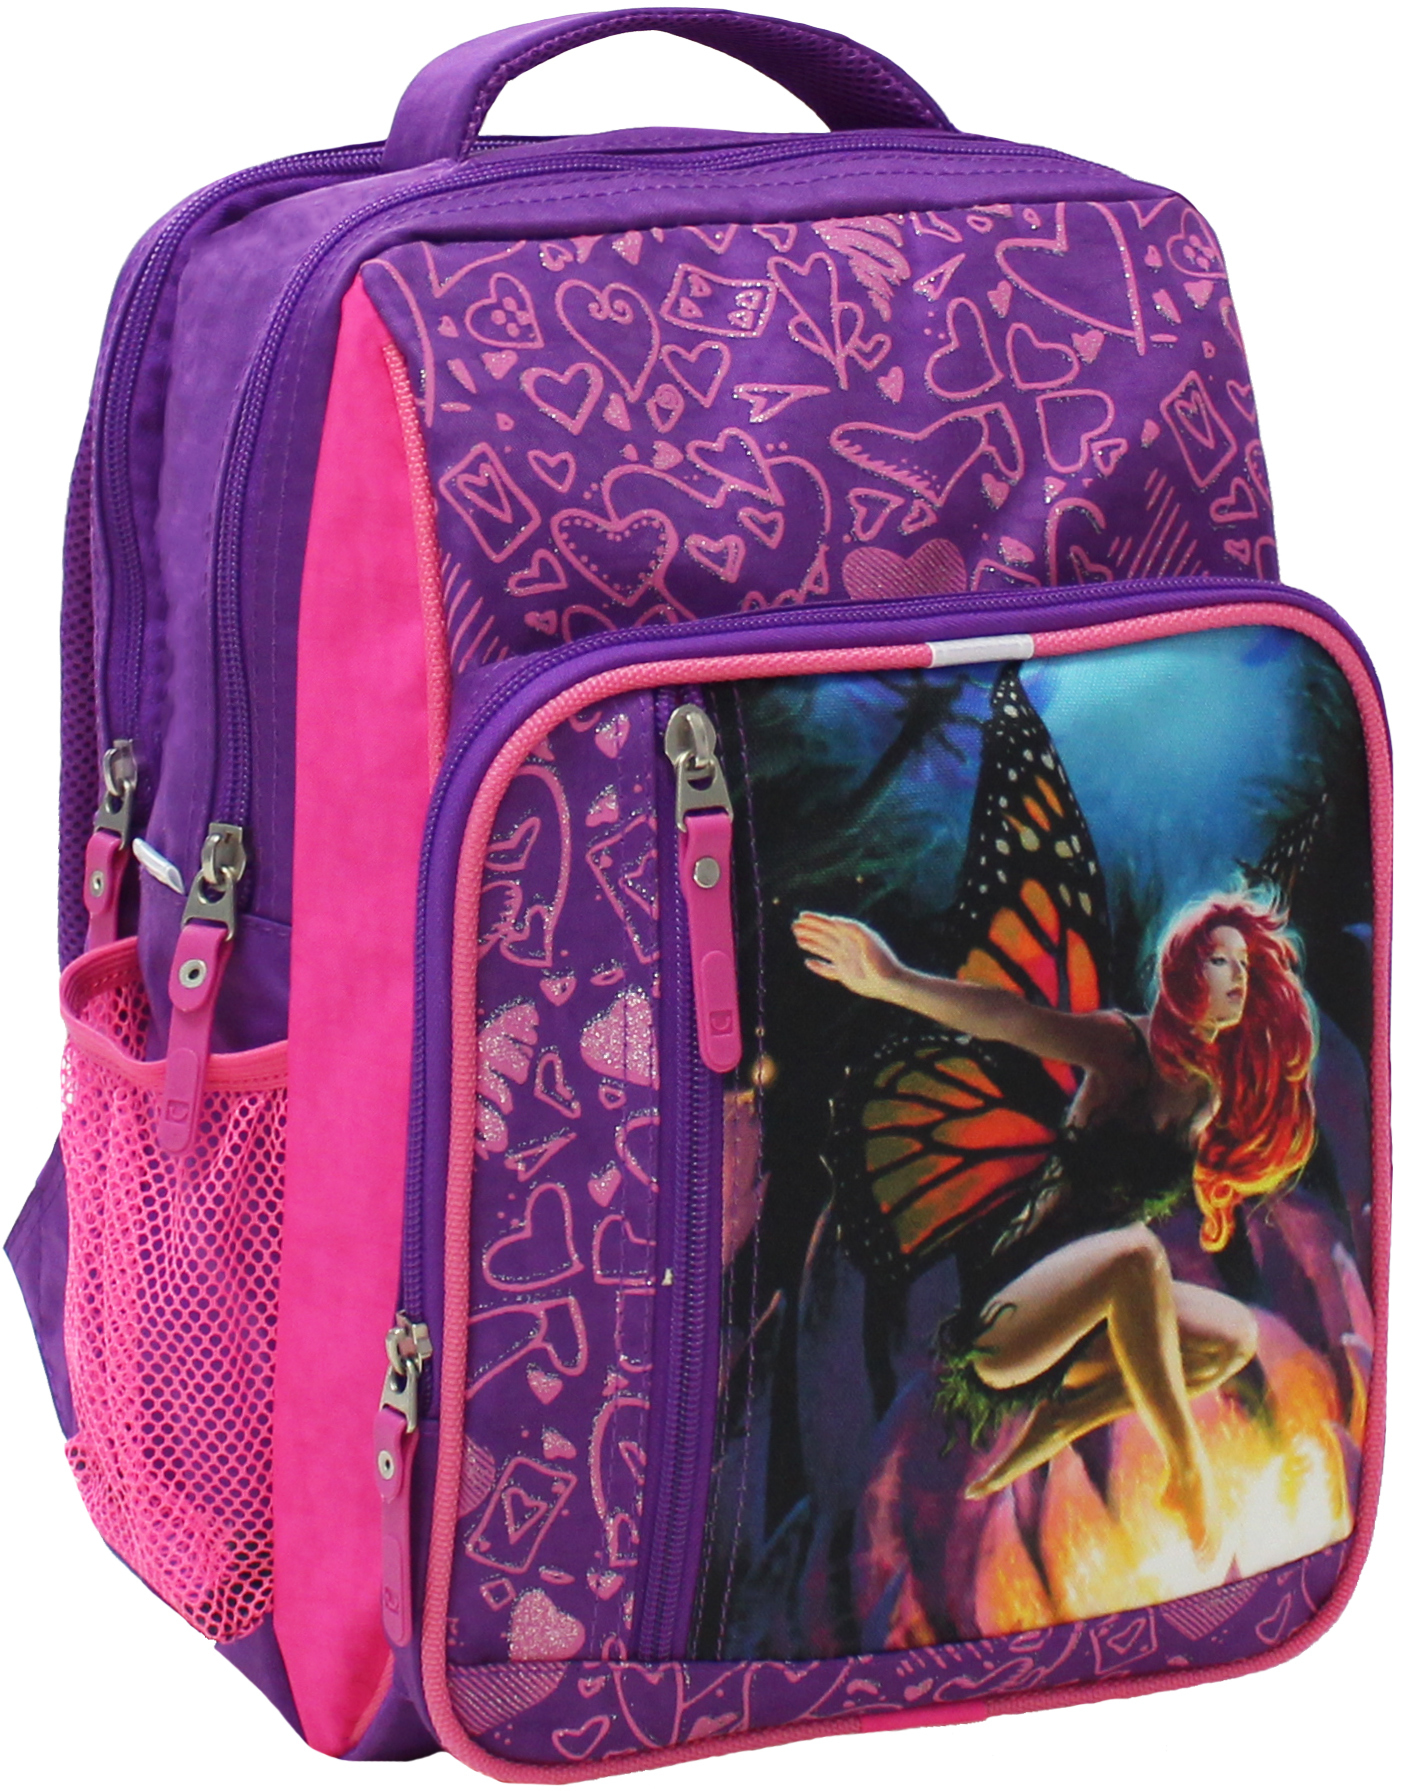 Школьные рюкзаки Рюкзак школьный Bagland Школьник 8 л. Фиолетовый (27д) (00112702) IMG_5207.JPG